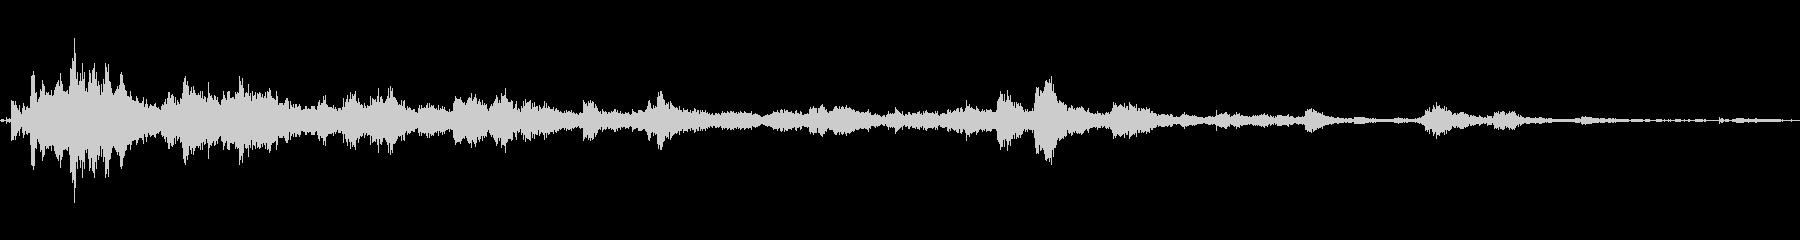 メタルポール:ラウドドロップ、バウ...の未再生の波形